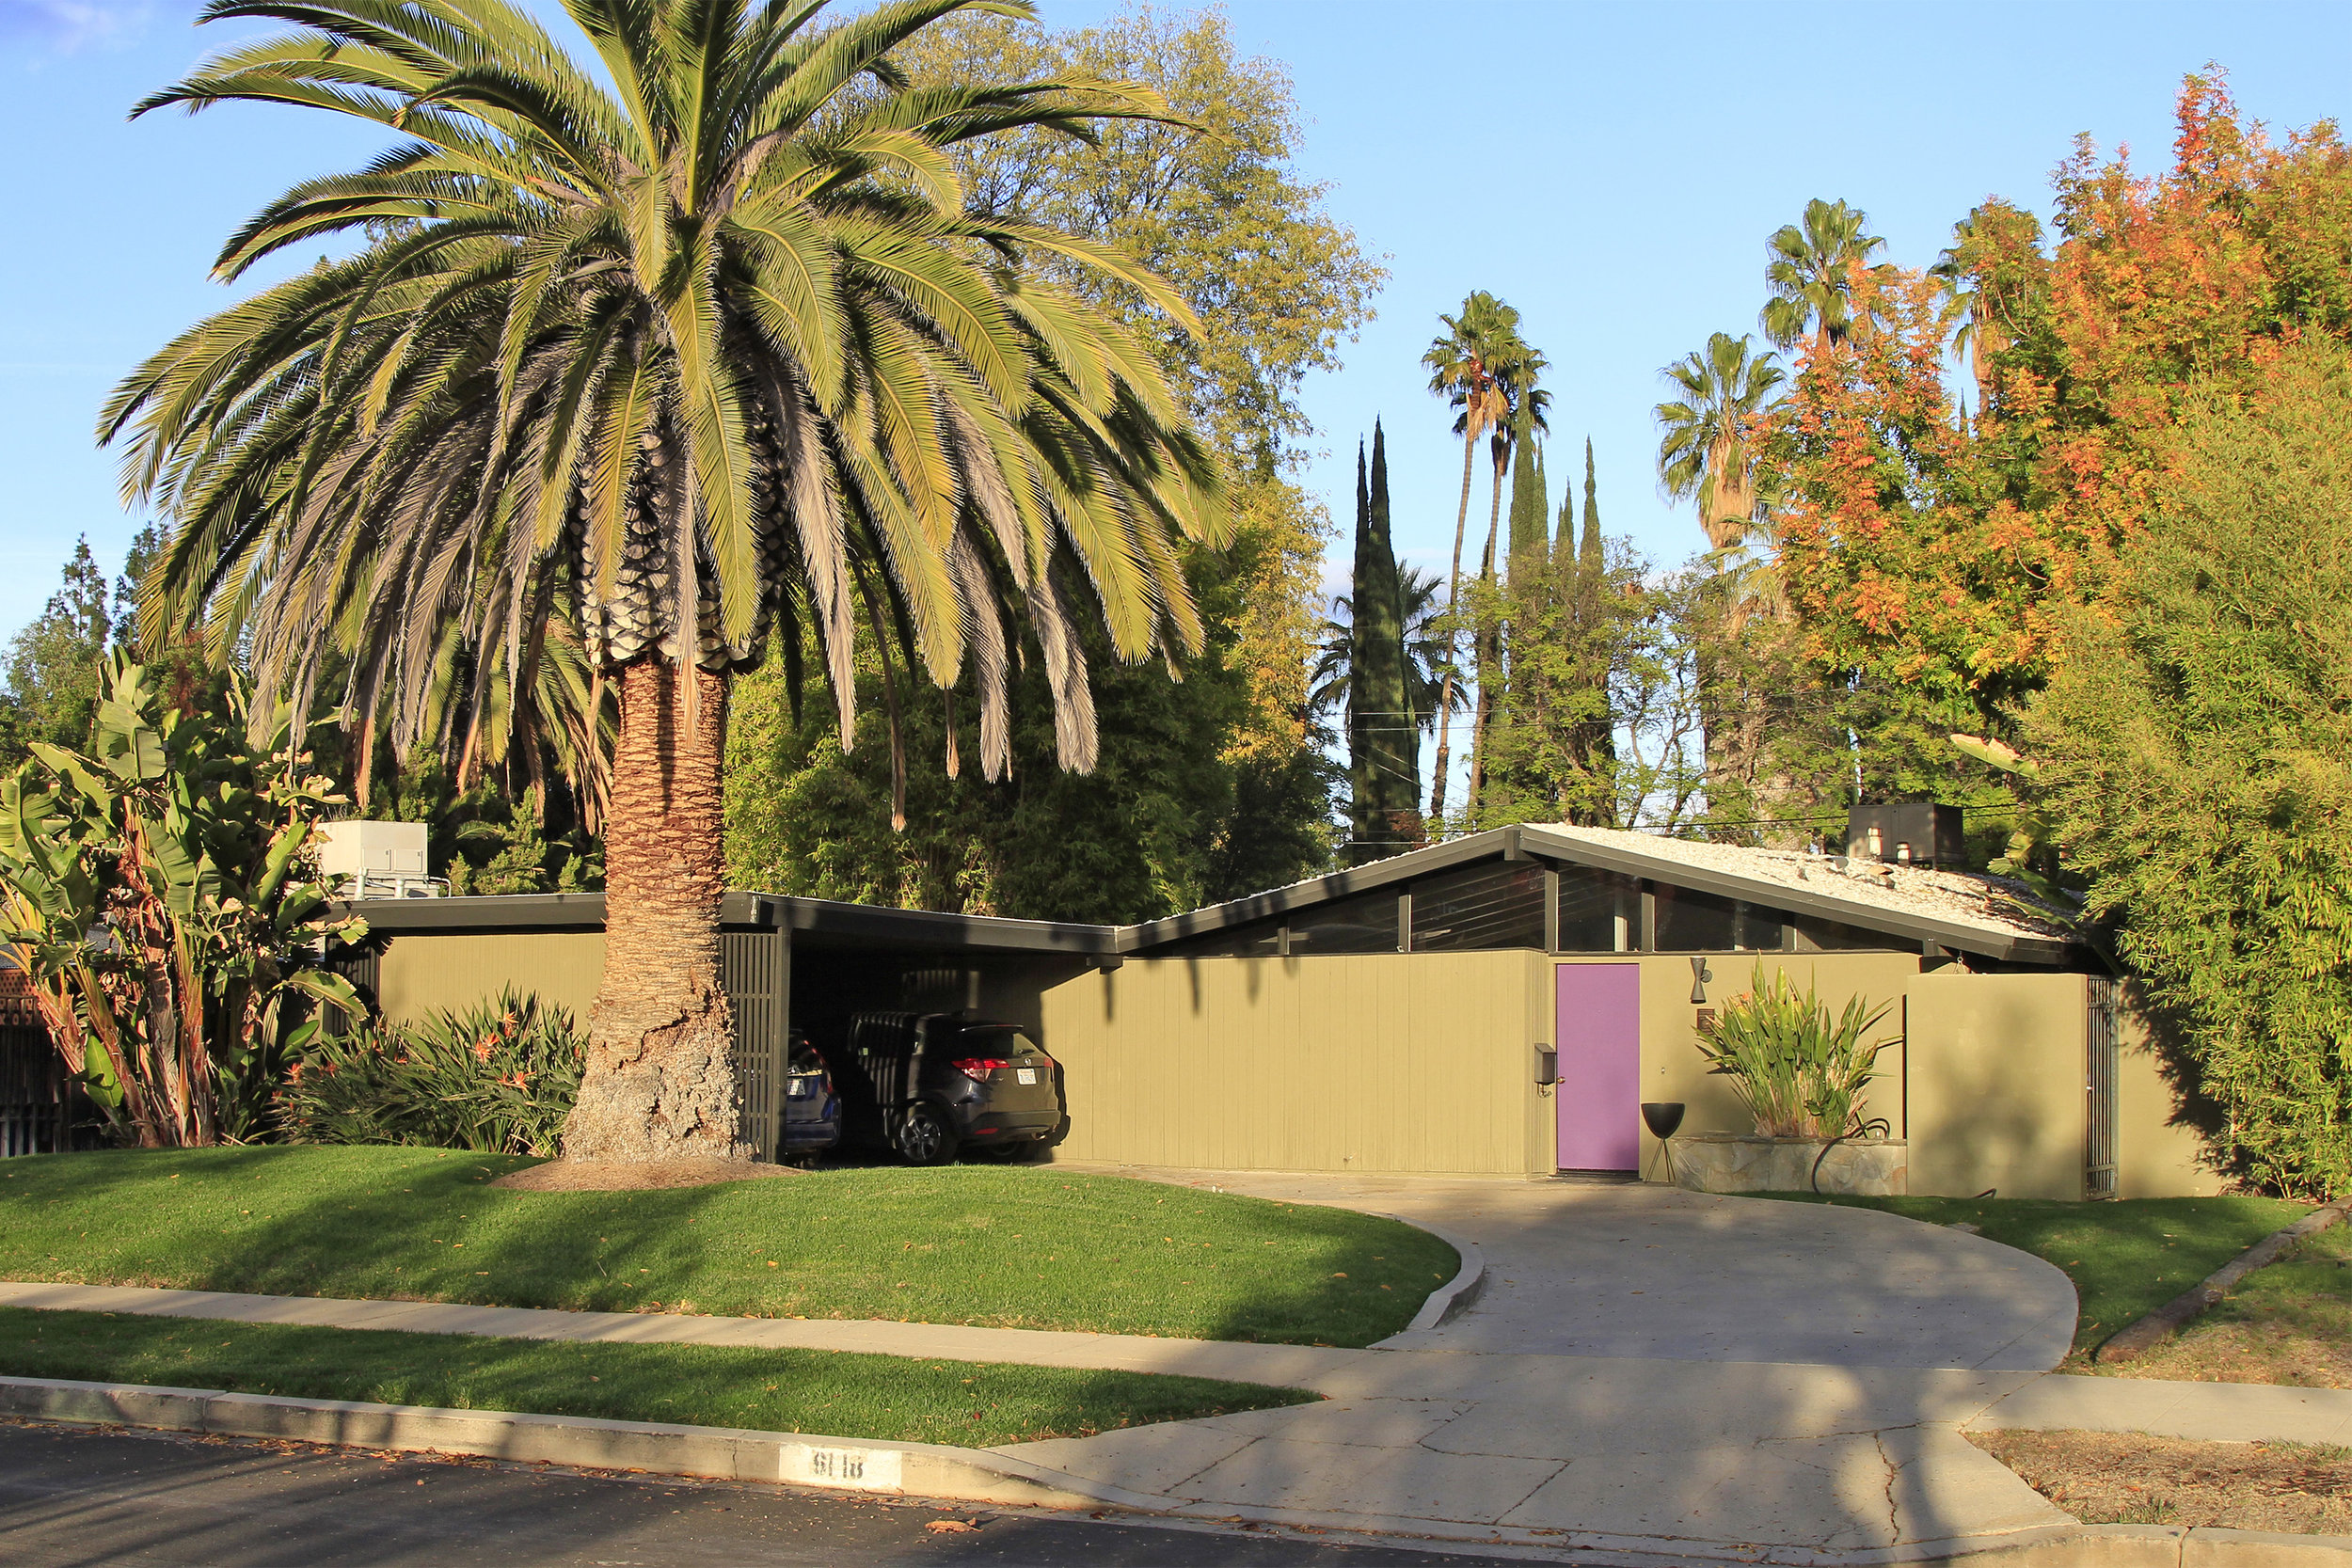 Corbin Palms Tract  - William Palmer & Dan Krisel  1953-55   6118 Jumilla Ave.  Los Angeles Historic-Cultural Monument No. 976